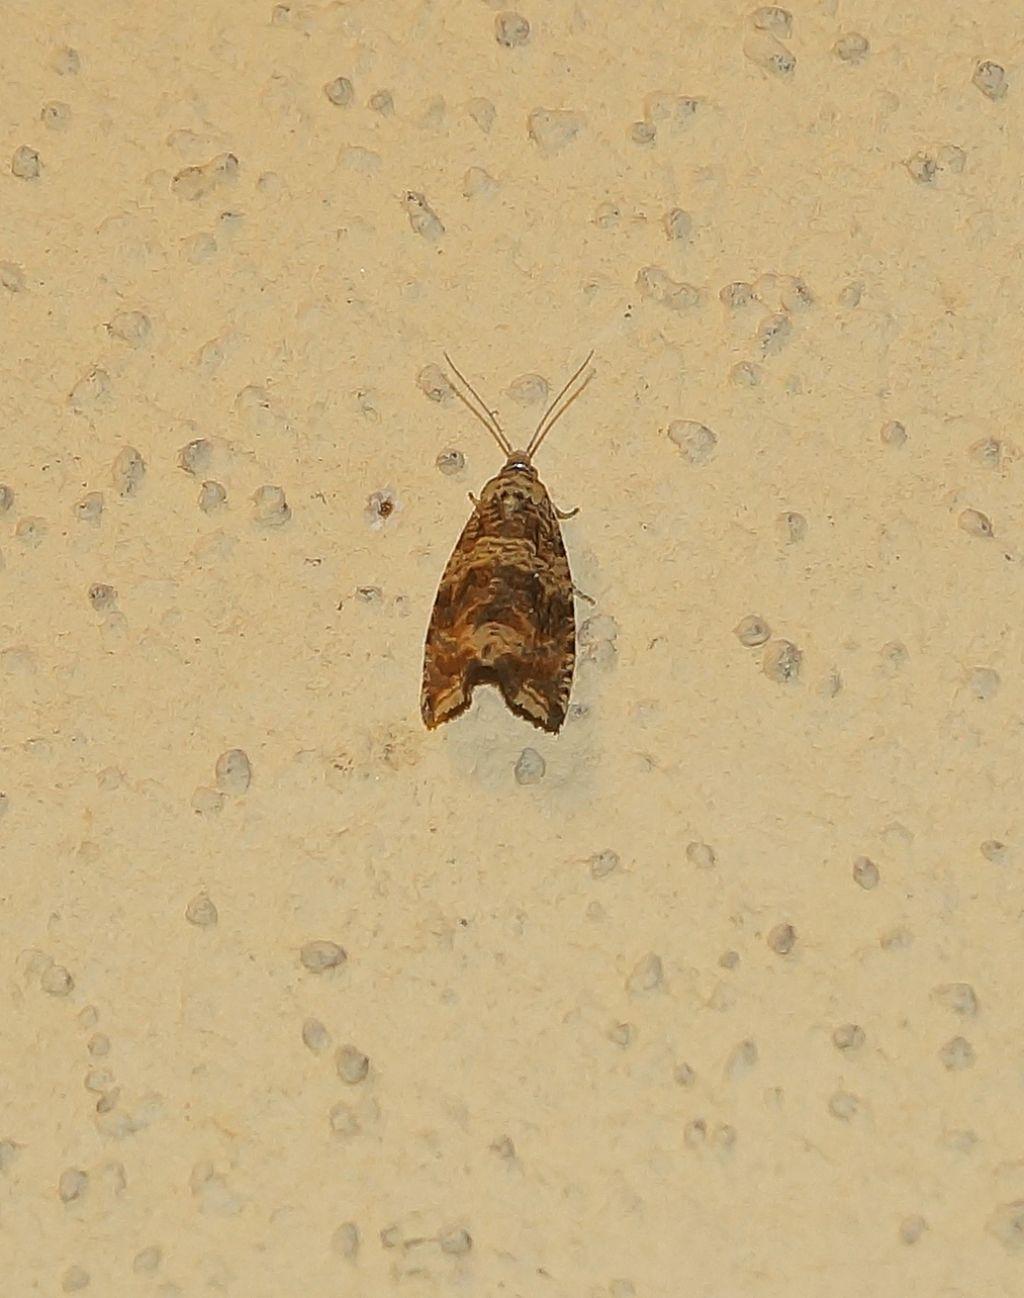 Tortricidae?  Sì, Tortricidae Olethreutinae sp.